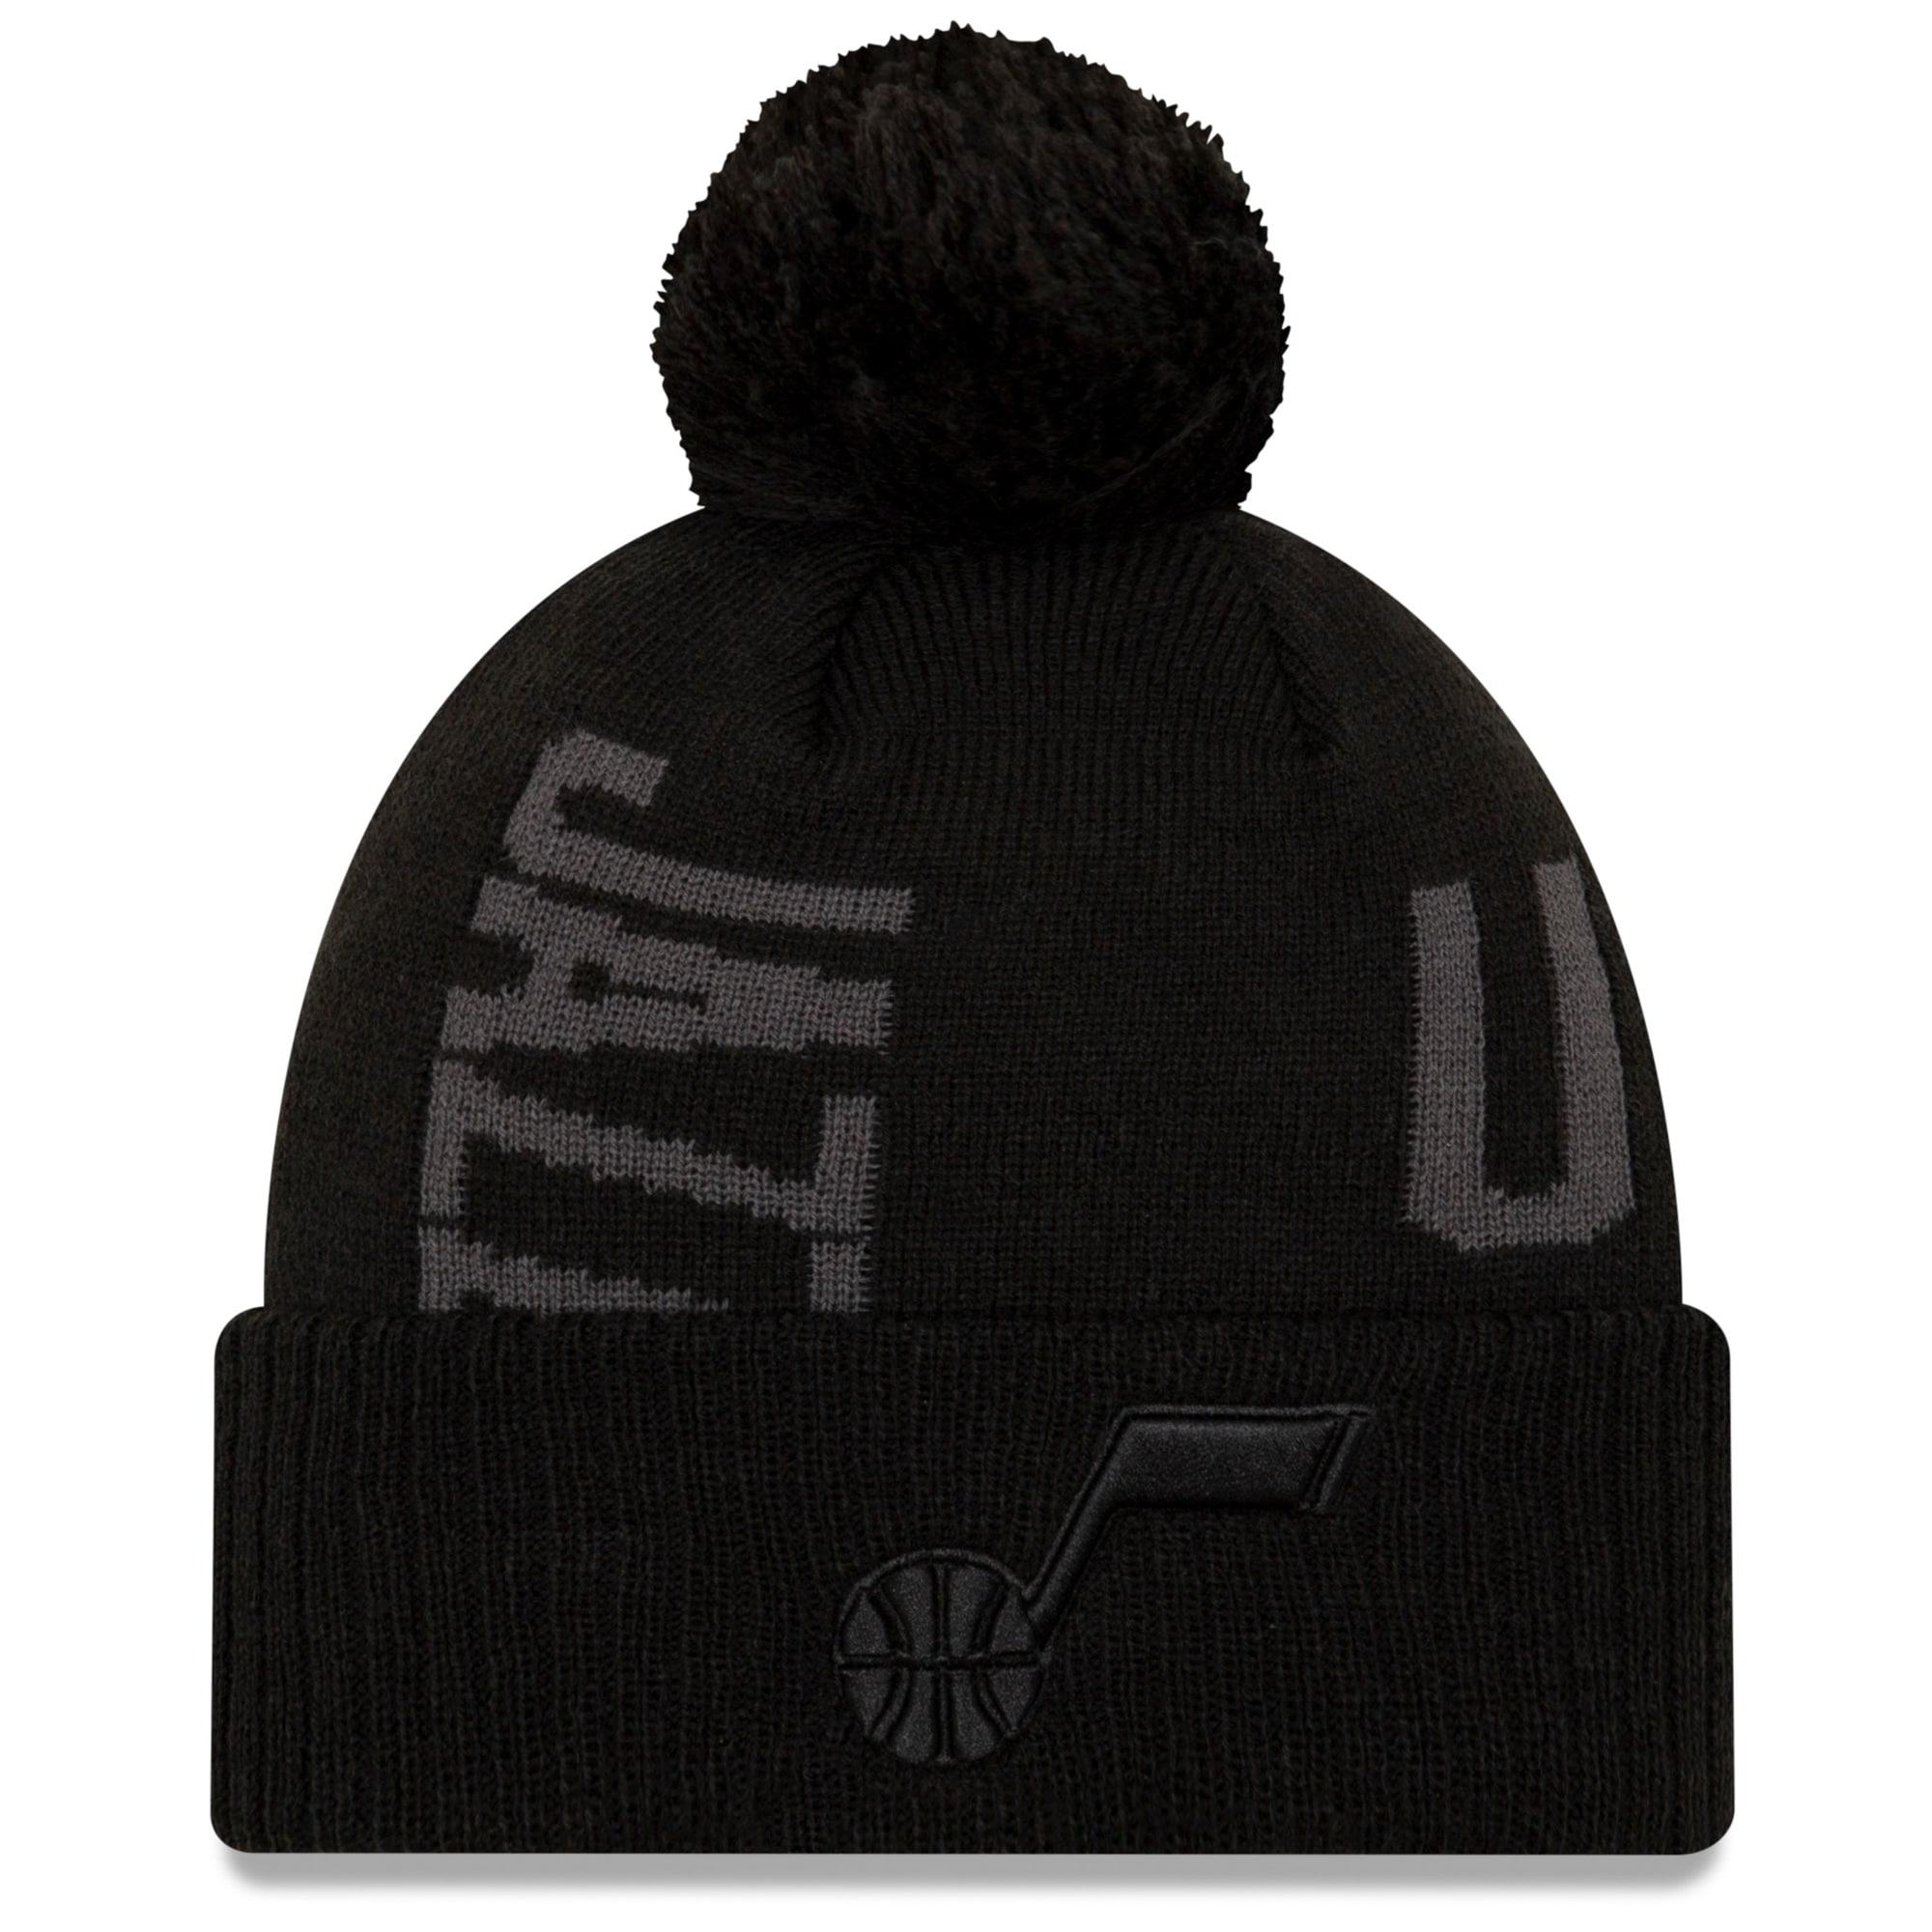 Utah Jazz New Era 2019 NBA Tip-Off Series Tonal Cuffed Knit Hat - Black